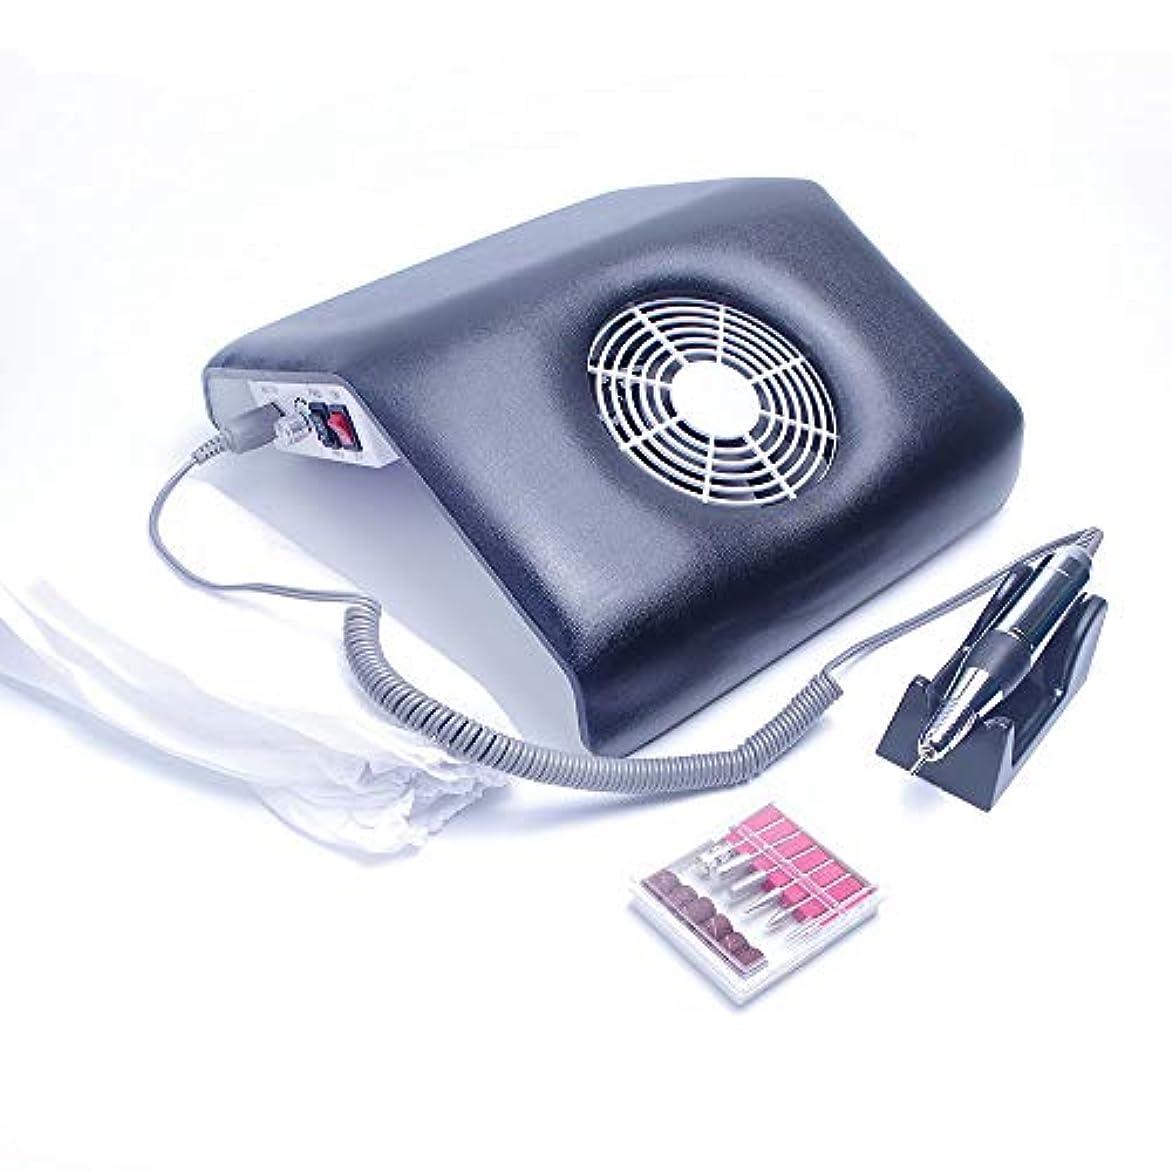 感染する反動汚れた集塵機 ネイル ダストコレクター ネイルドリル ネイルマシーン ネイルマシン 電動ネイルファイル 電動ネイルケア ネイルオフ ジェルネイルオフ ジェルオフ セルフネイル